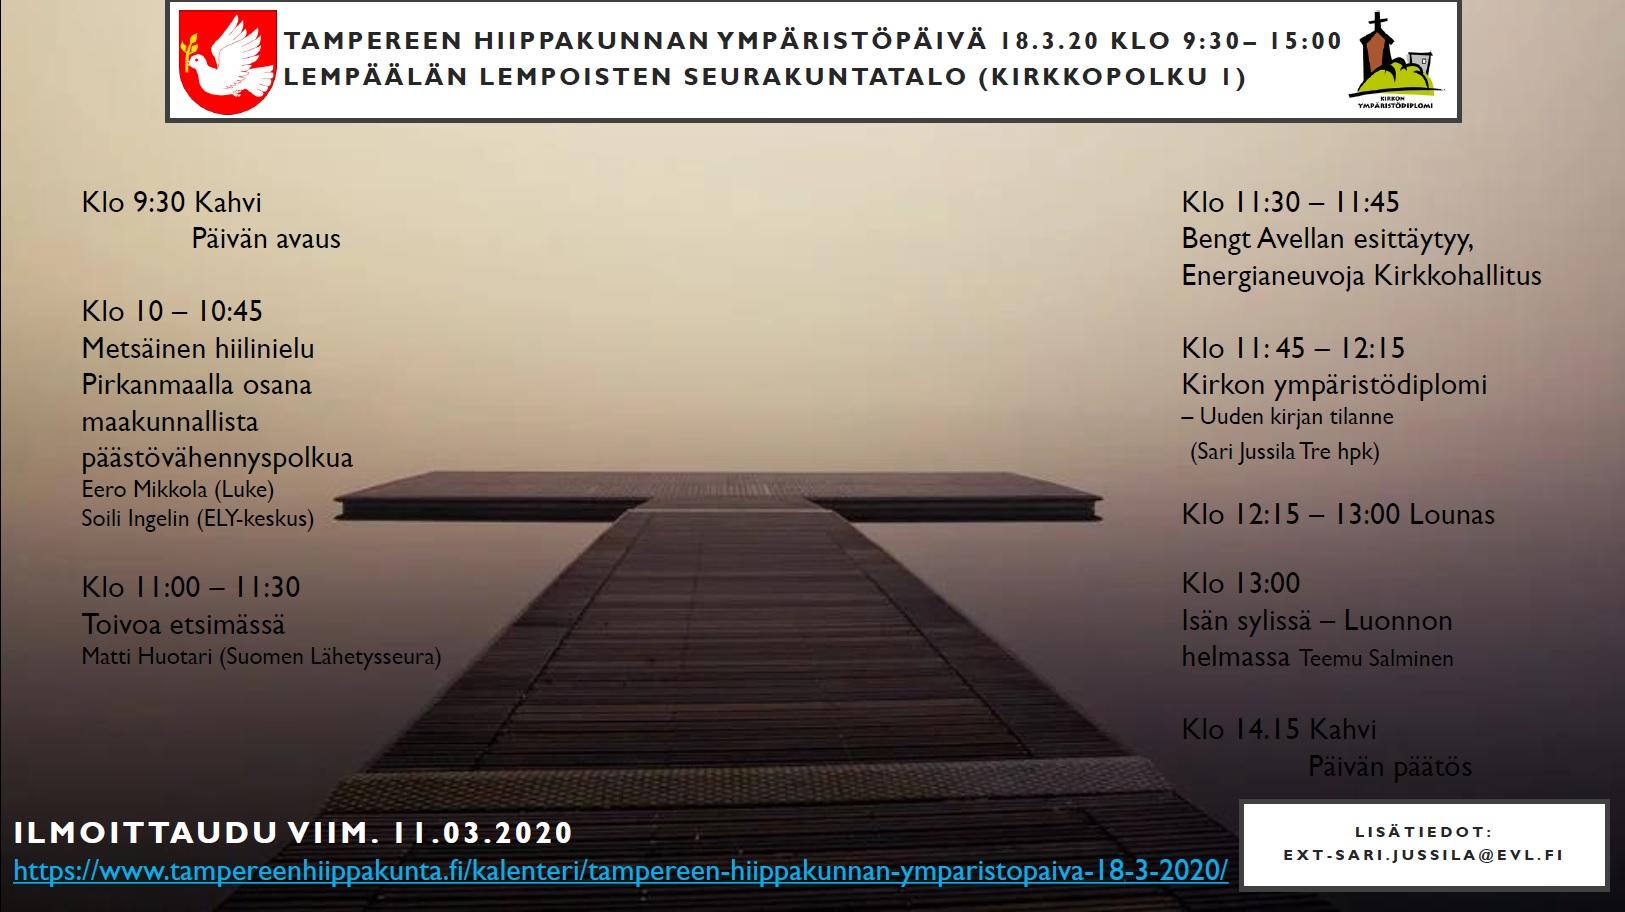 Ympäristöpäivän esite, jossa kuva laiturista ja utuisesta järvestä sekä tekstinä päivän ohjelma ja ohjeita.